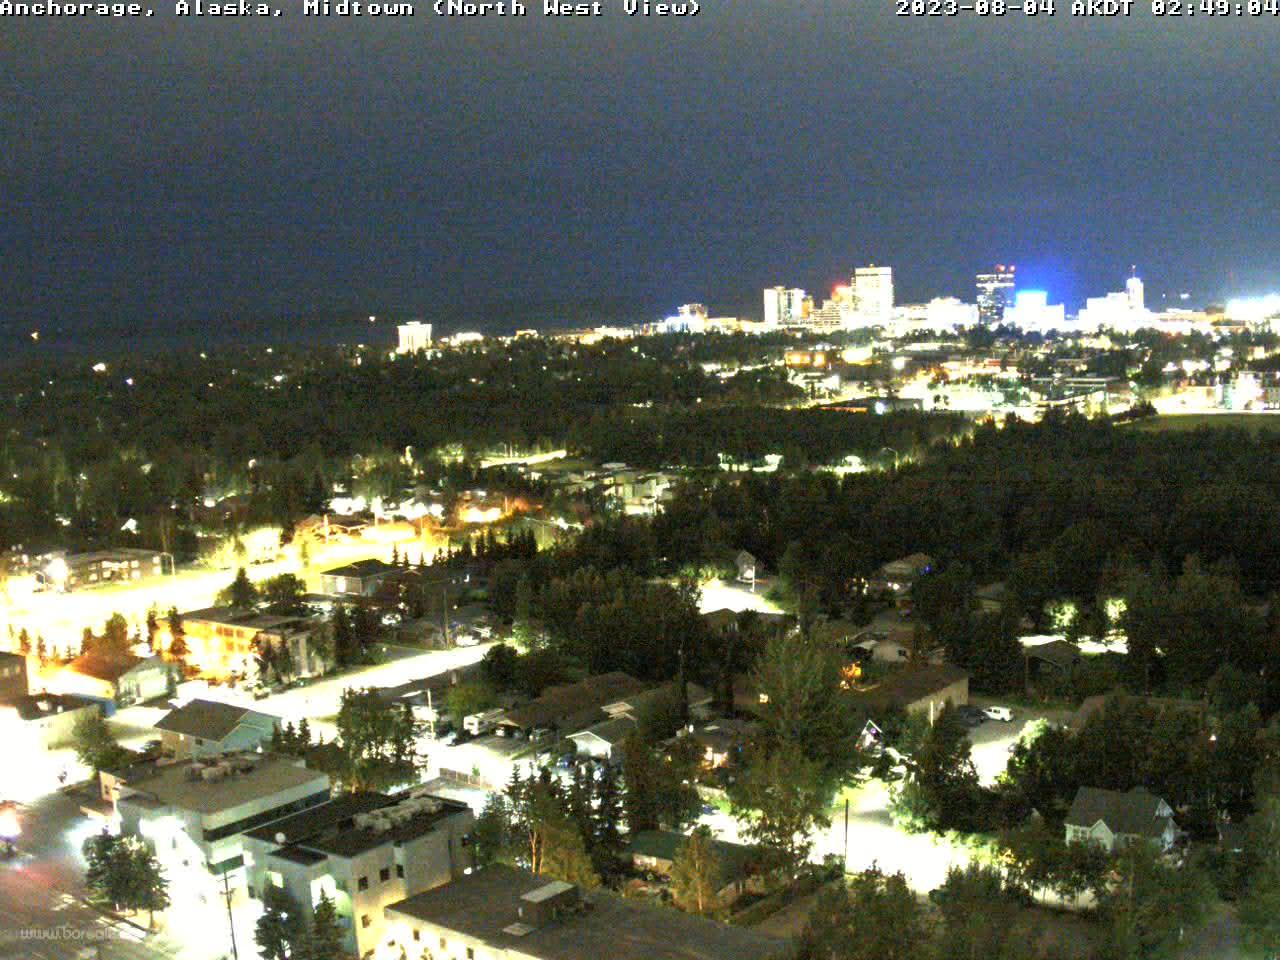 Anchorage, Alaska Fri. 02:49